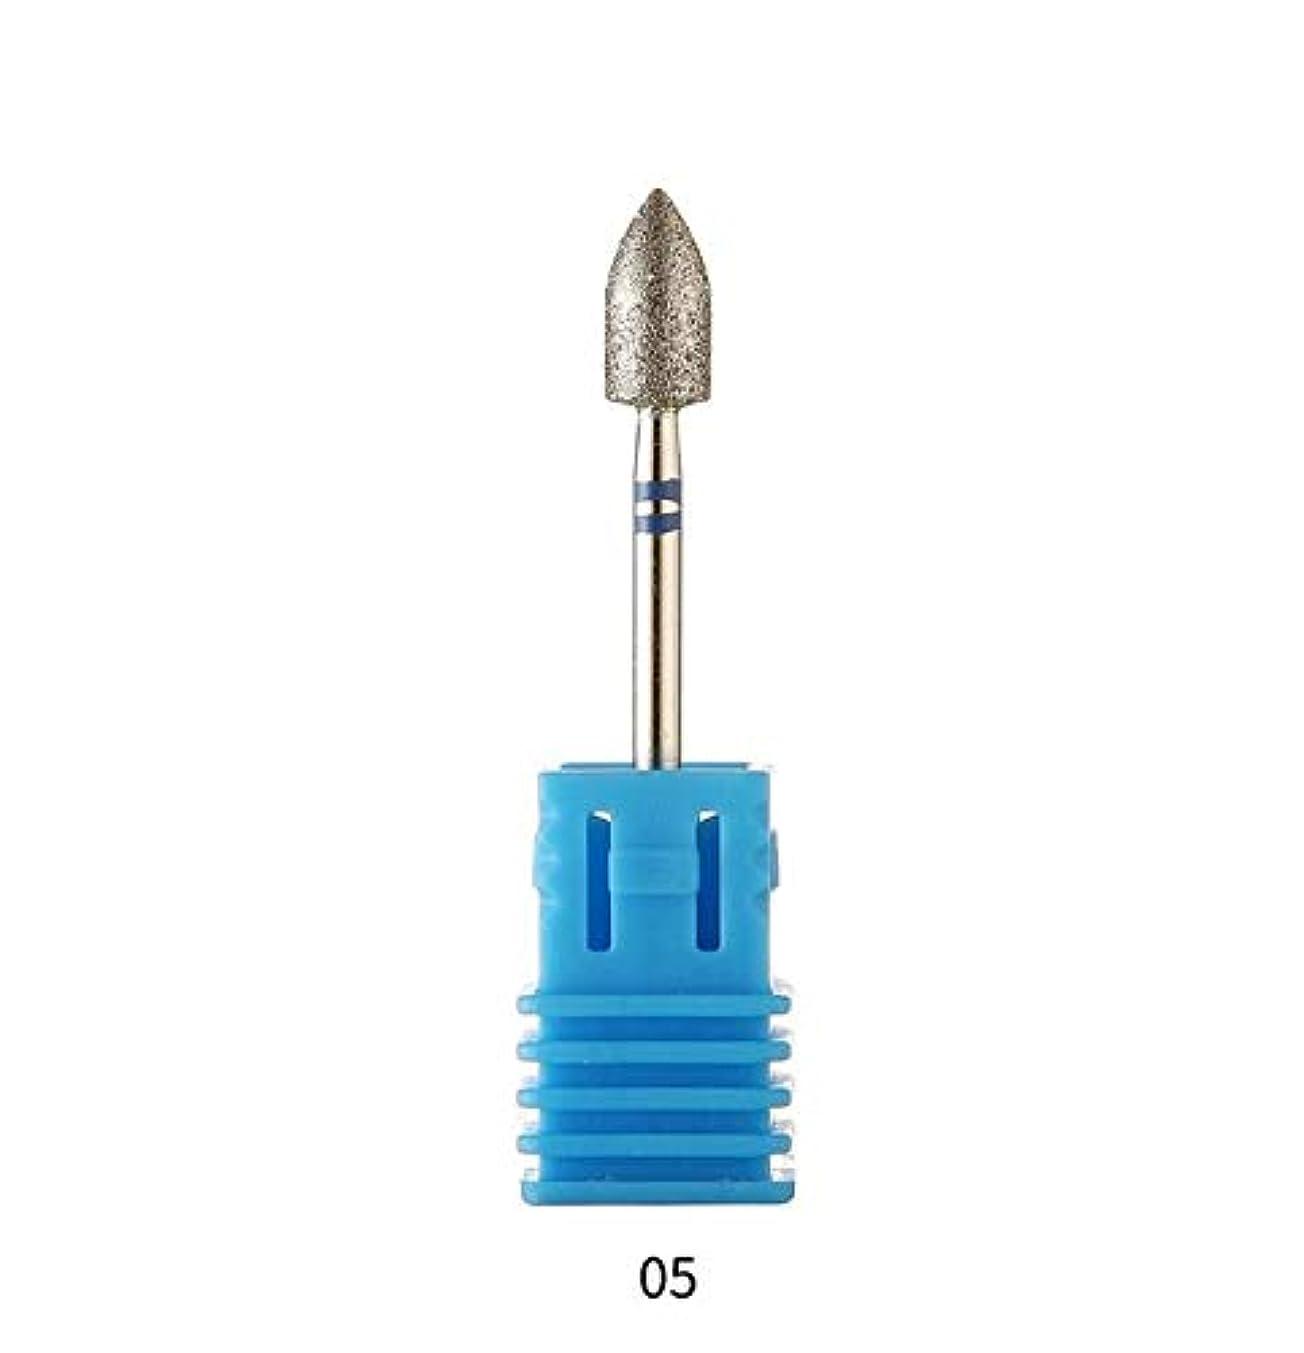 吸収剤お香周術期Yan 3ピースネイルタングステン鋼合金研削ヘッド研磨工具研削盤特殊研削ヘッドツール (色 : 05)